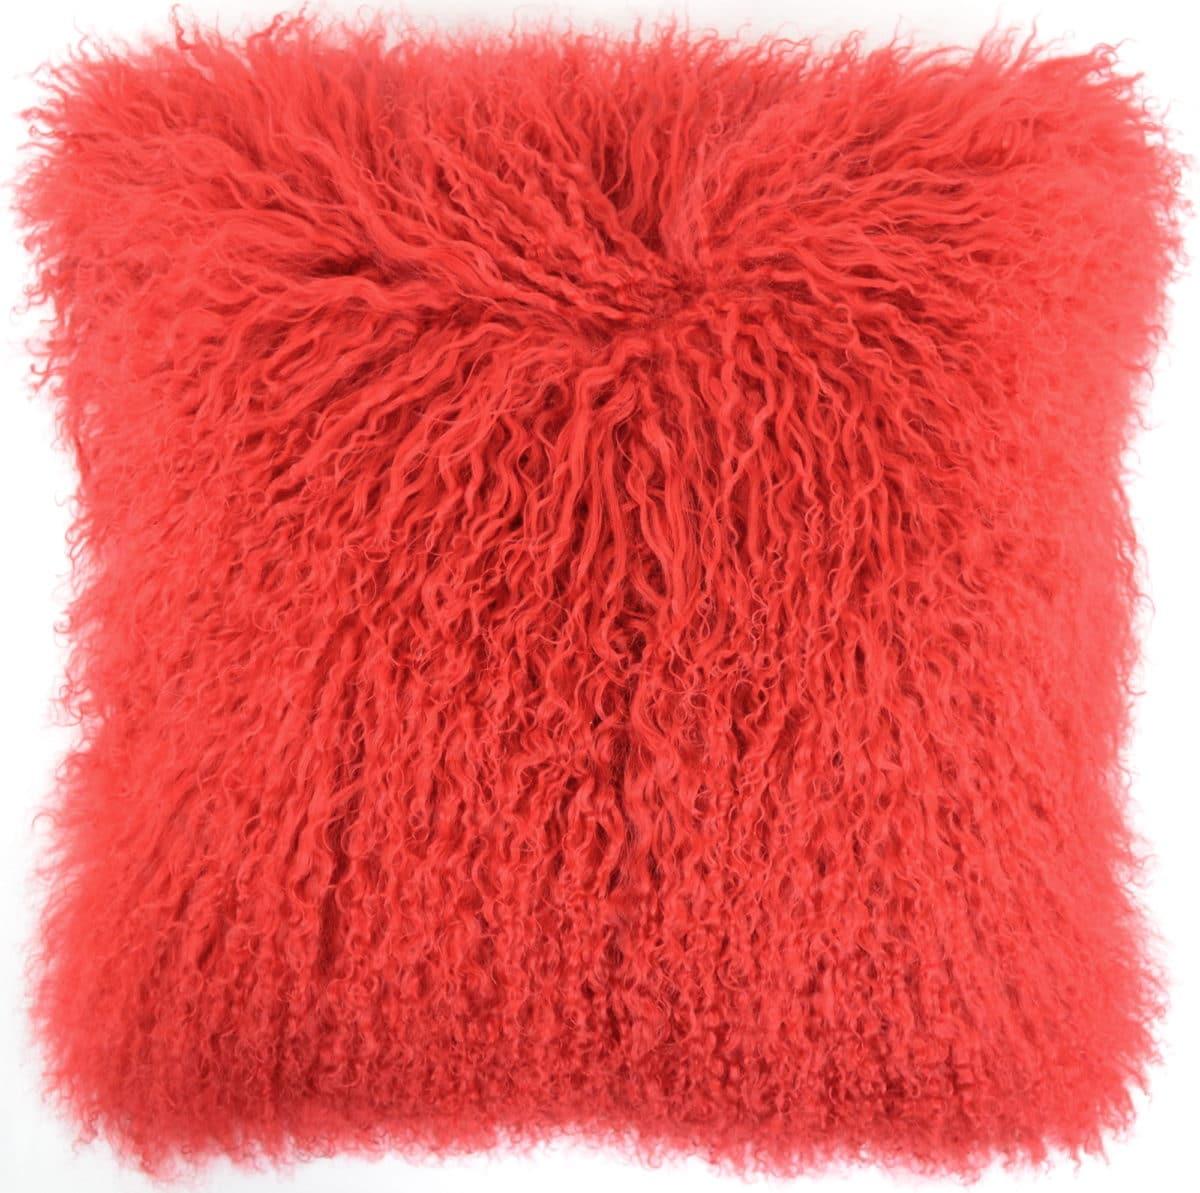 Snugrugs Mongolian Sheepskin Cushion 40cm x 40cm – Red